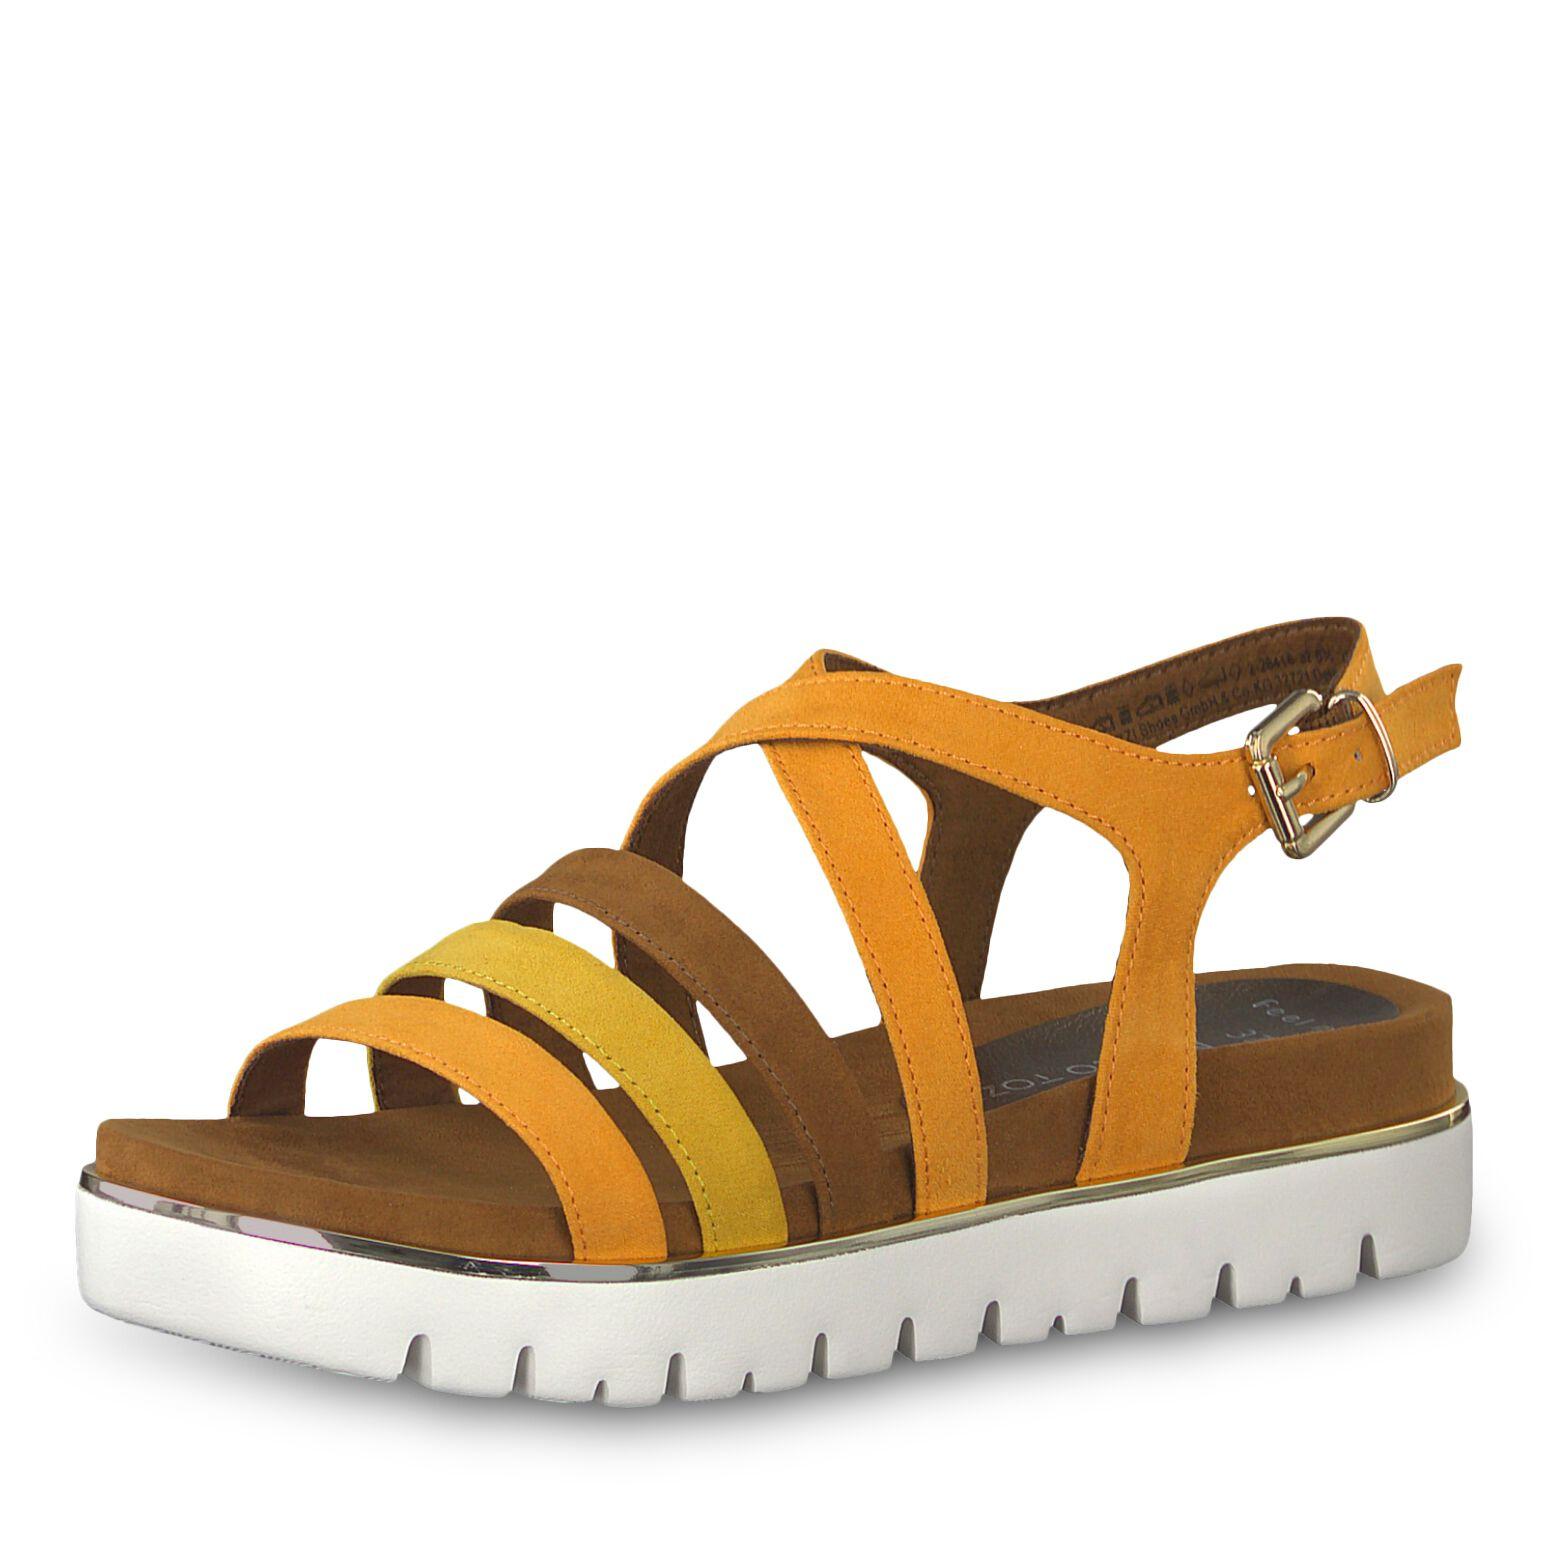 Kaufen Online Tozzi Sandalen Damen Für Marco edCBxoWr